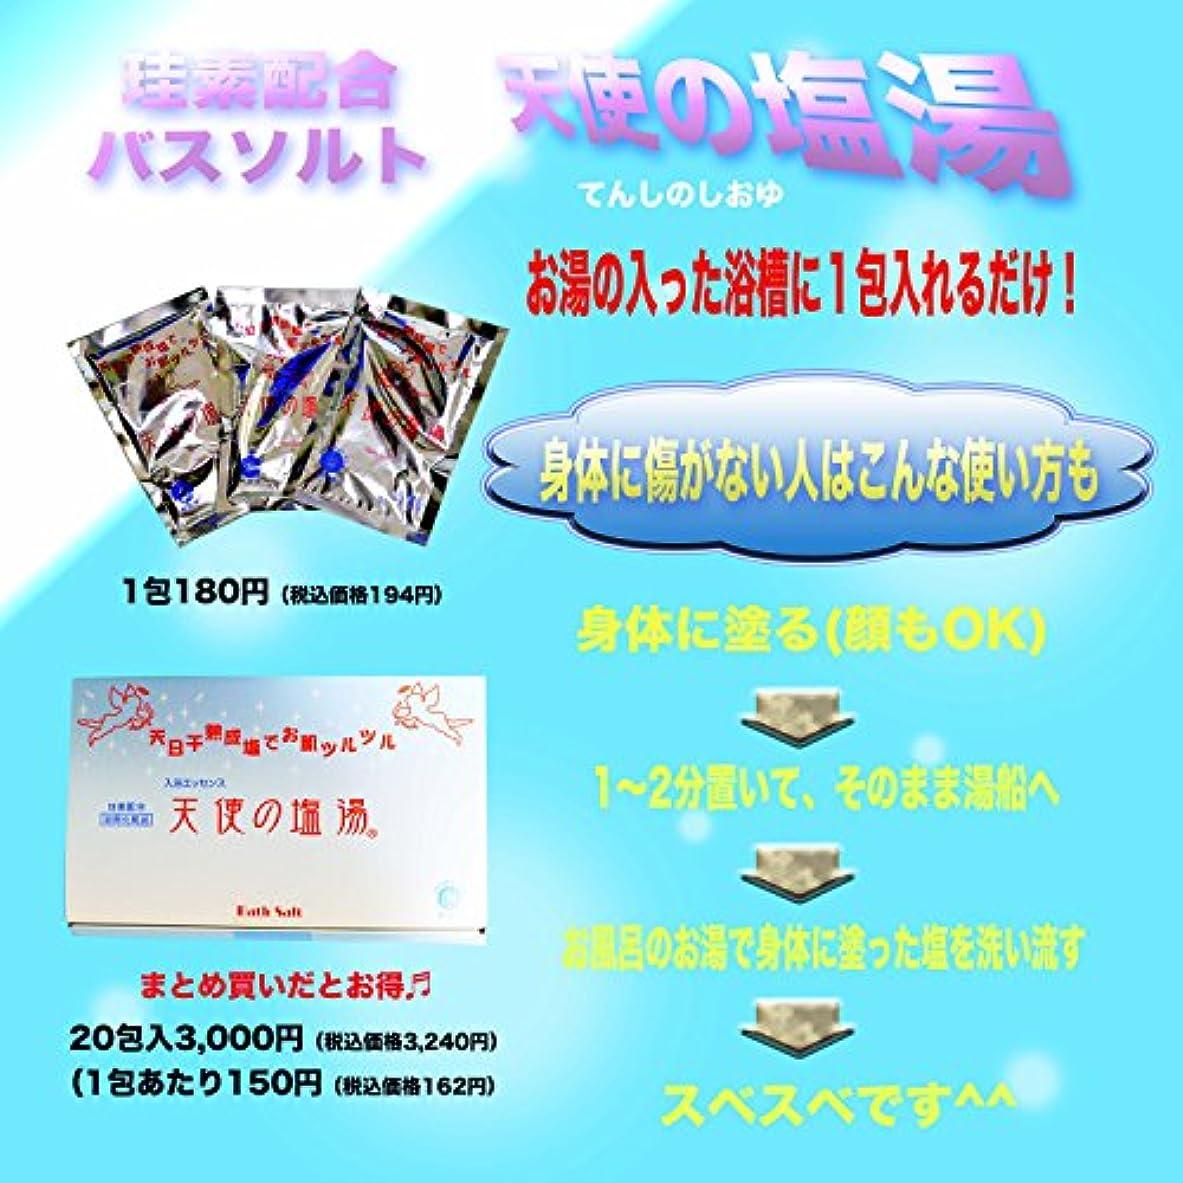 保険いつも存在入浴エッセンス 天使の塩湯(70g×20袋入) 日本珪素医科学学会 承認品